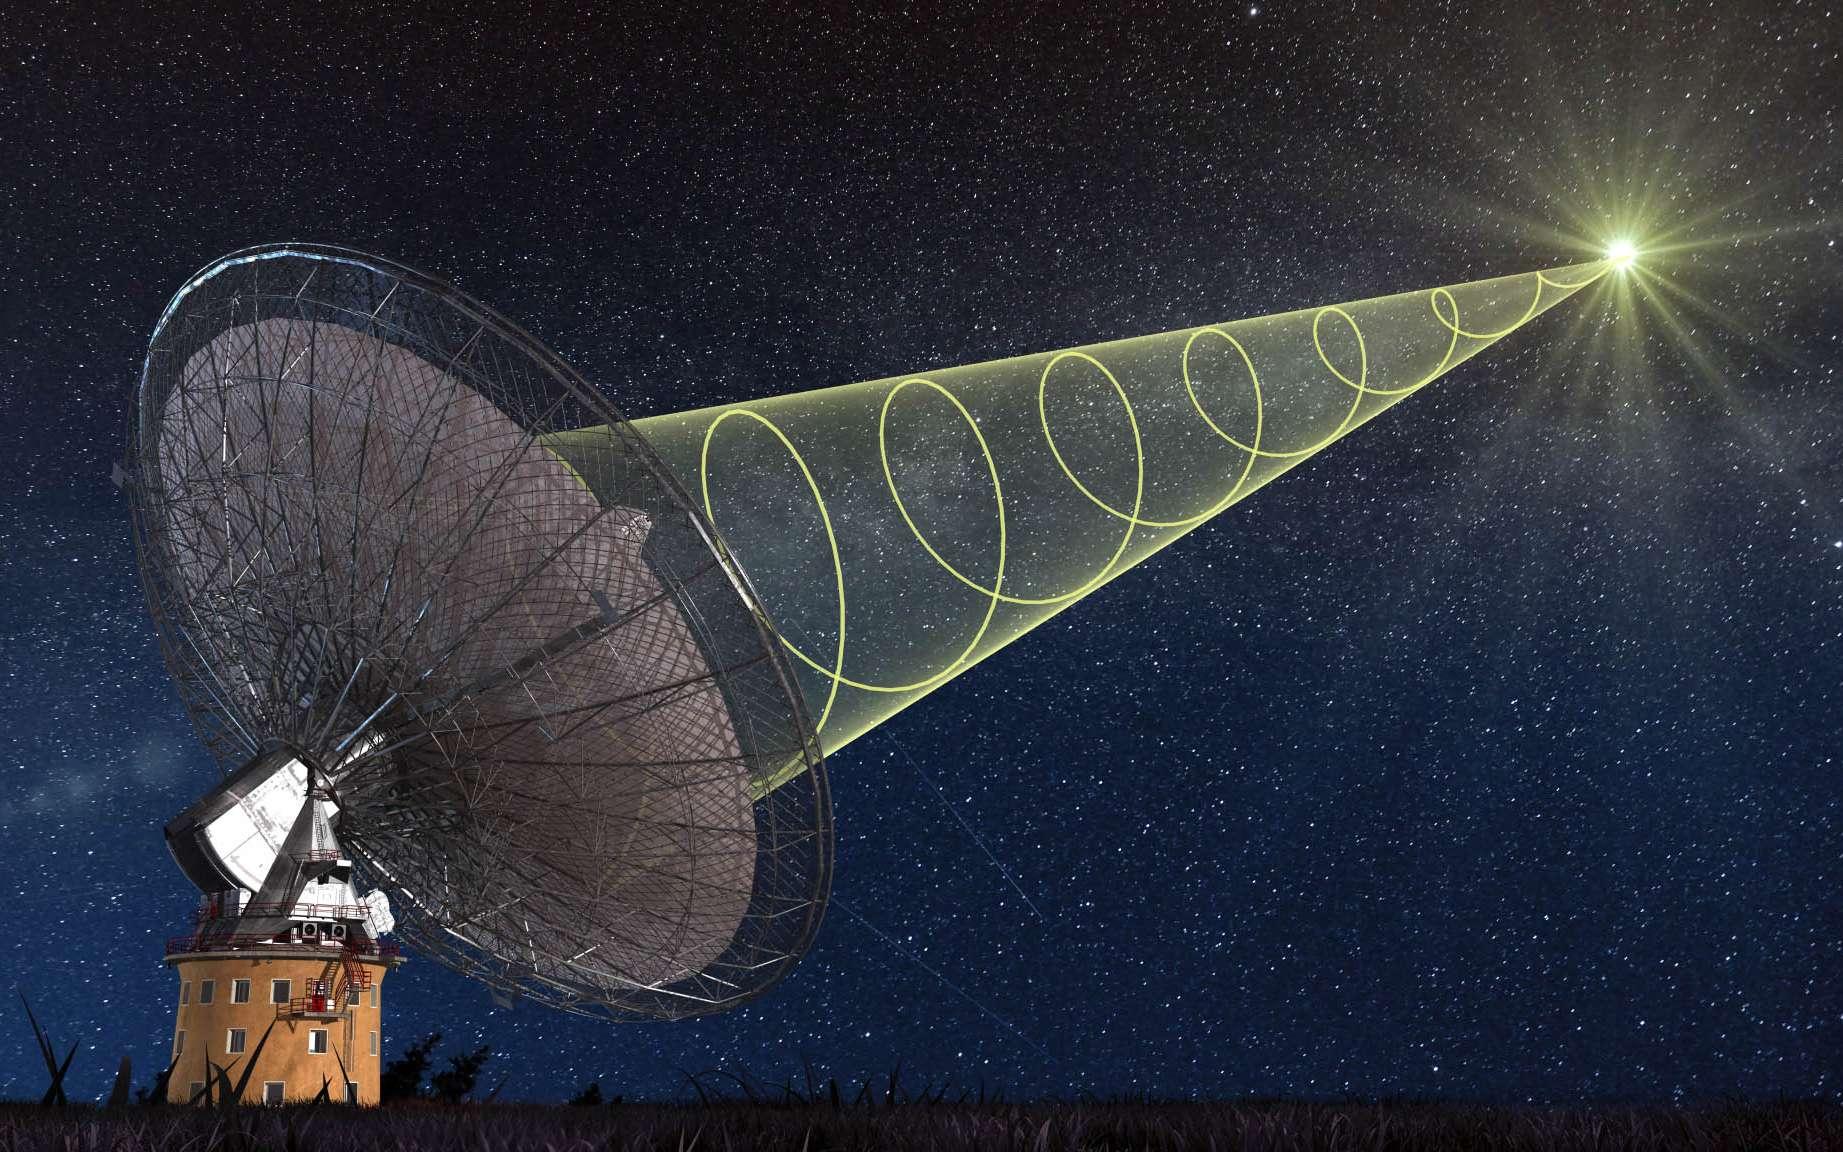 Le radiotélescope de Parkes a pu observer un sursaut radio rapide. Il se manifeste par un brusque pic du signal reçu par un radiotélescope. Il ne dure que quelques millisecondes, comme tous les sursauts radio rapides connus à ce jour. © Swinburne University of Technology